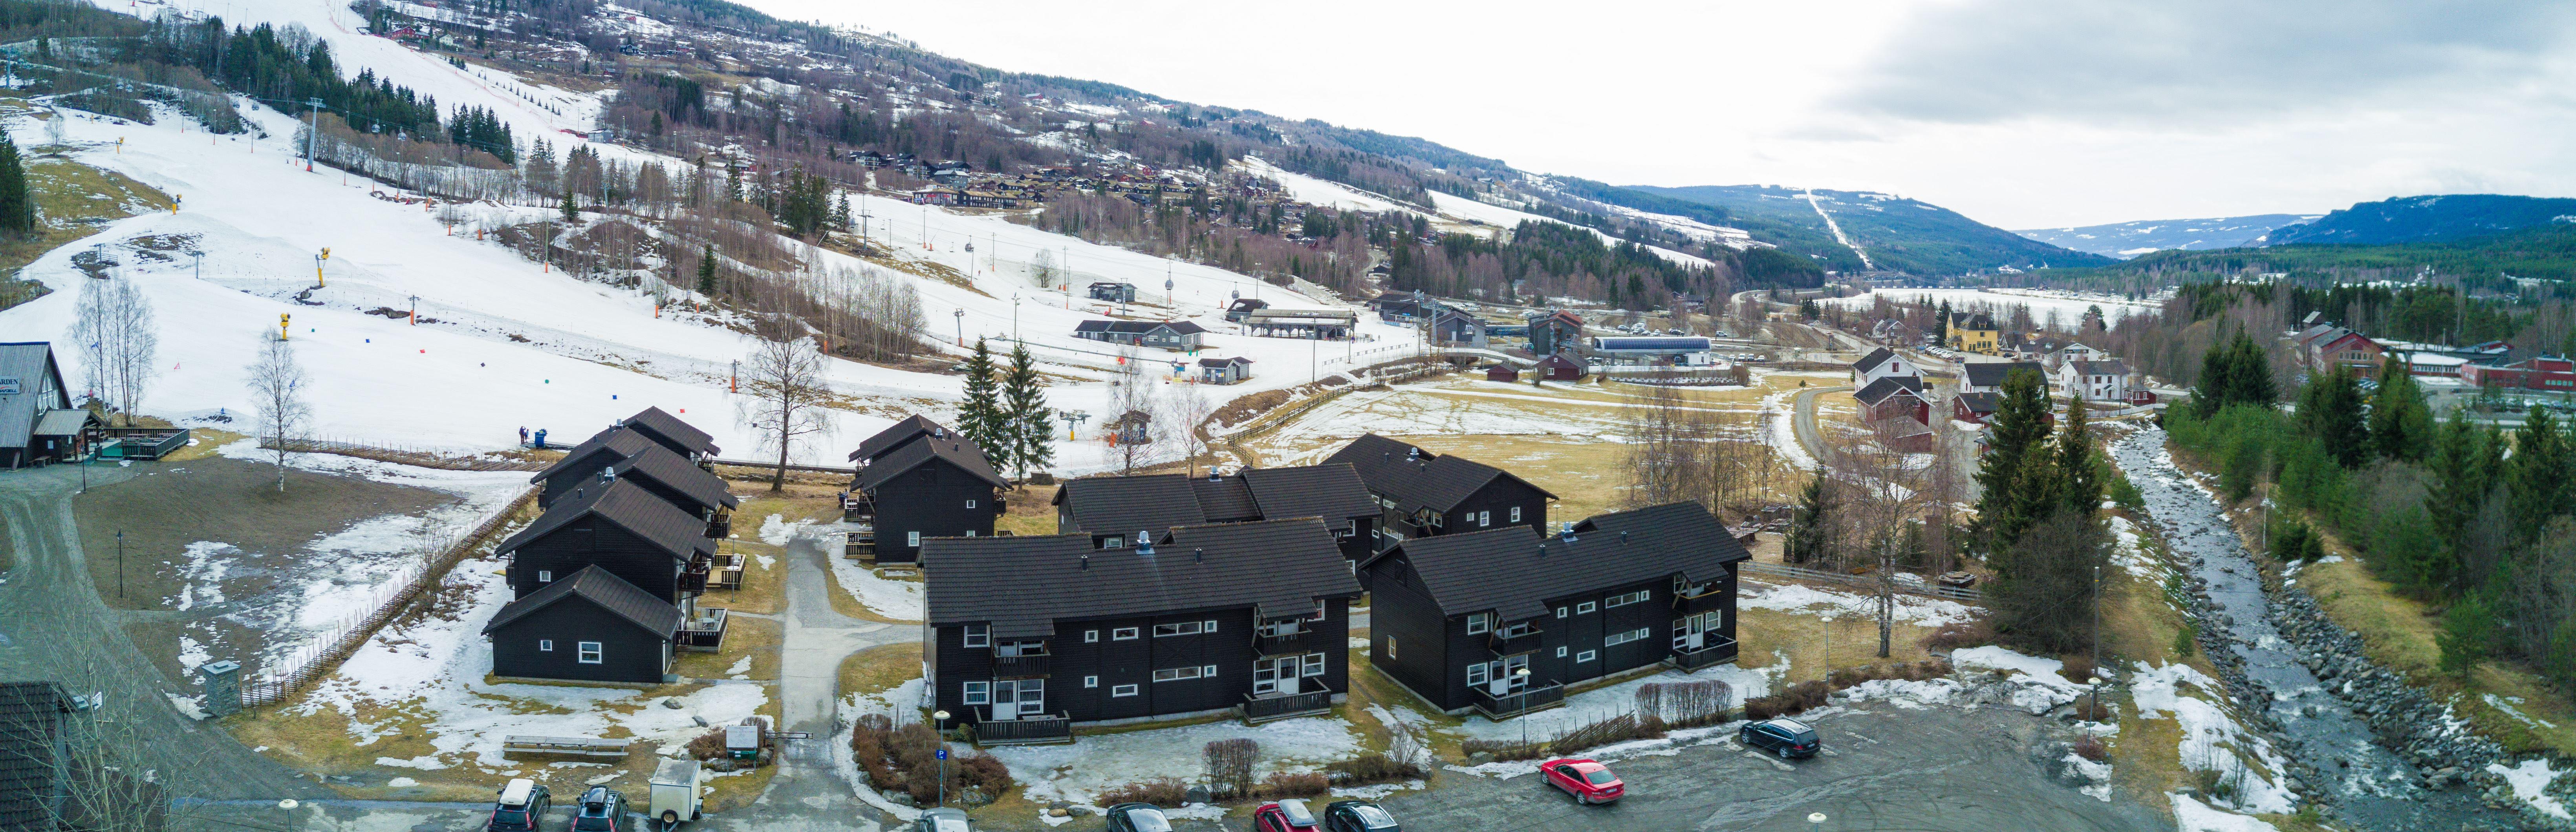 Hafjell Alpinlandsby. Lägenhet nr. 42